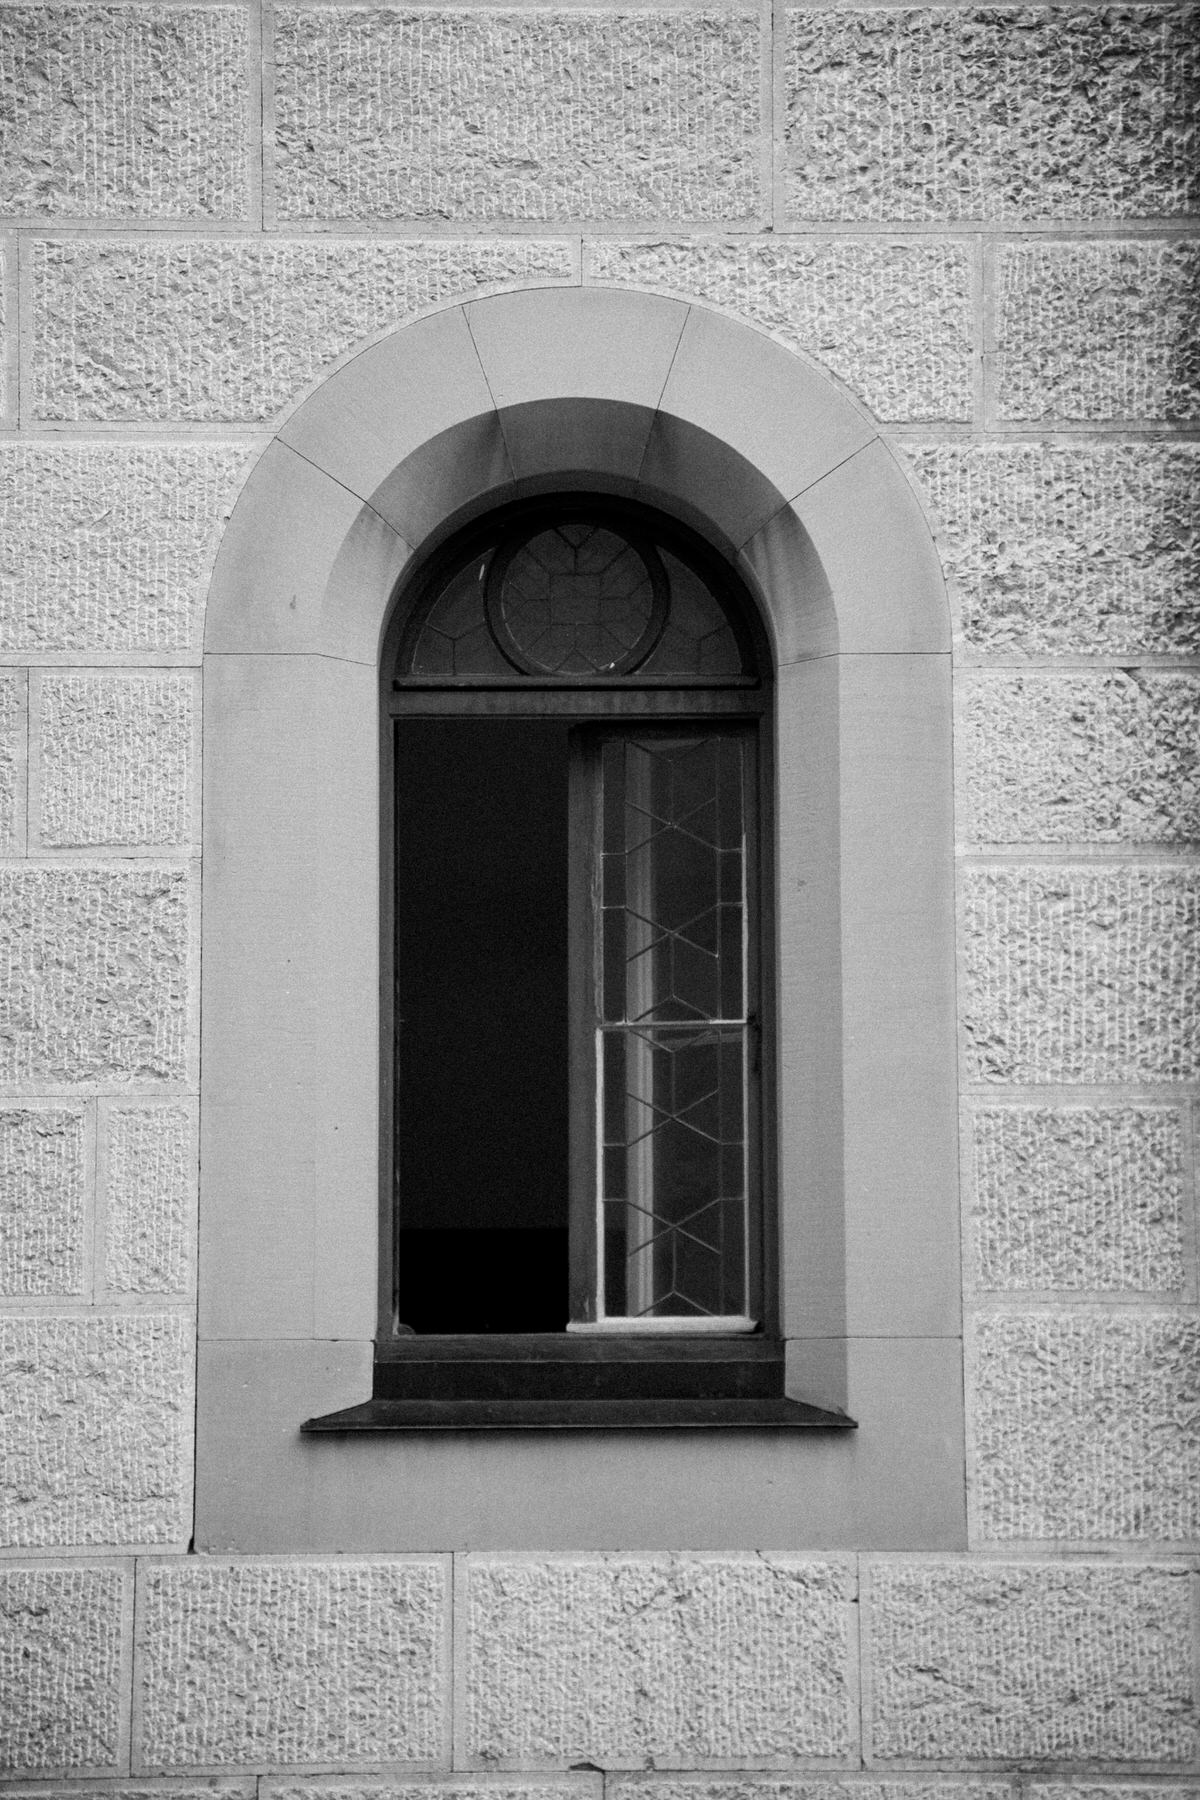 Neuschwanstein-Bavaria-Germany-black-and-white-fine-art-photography-by-Studio-L-photographer-Laura-Schneider-_3547